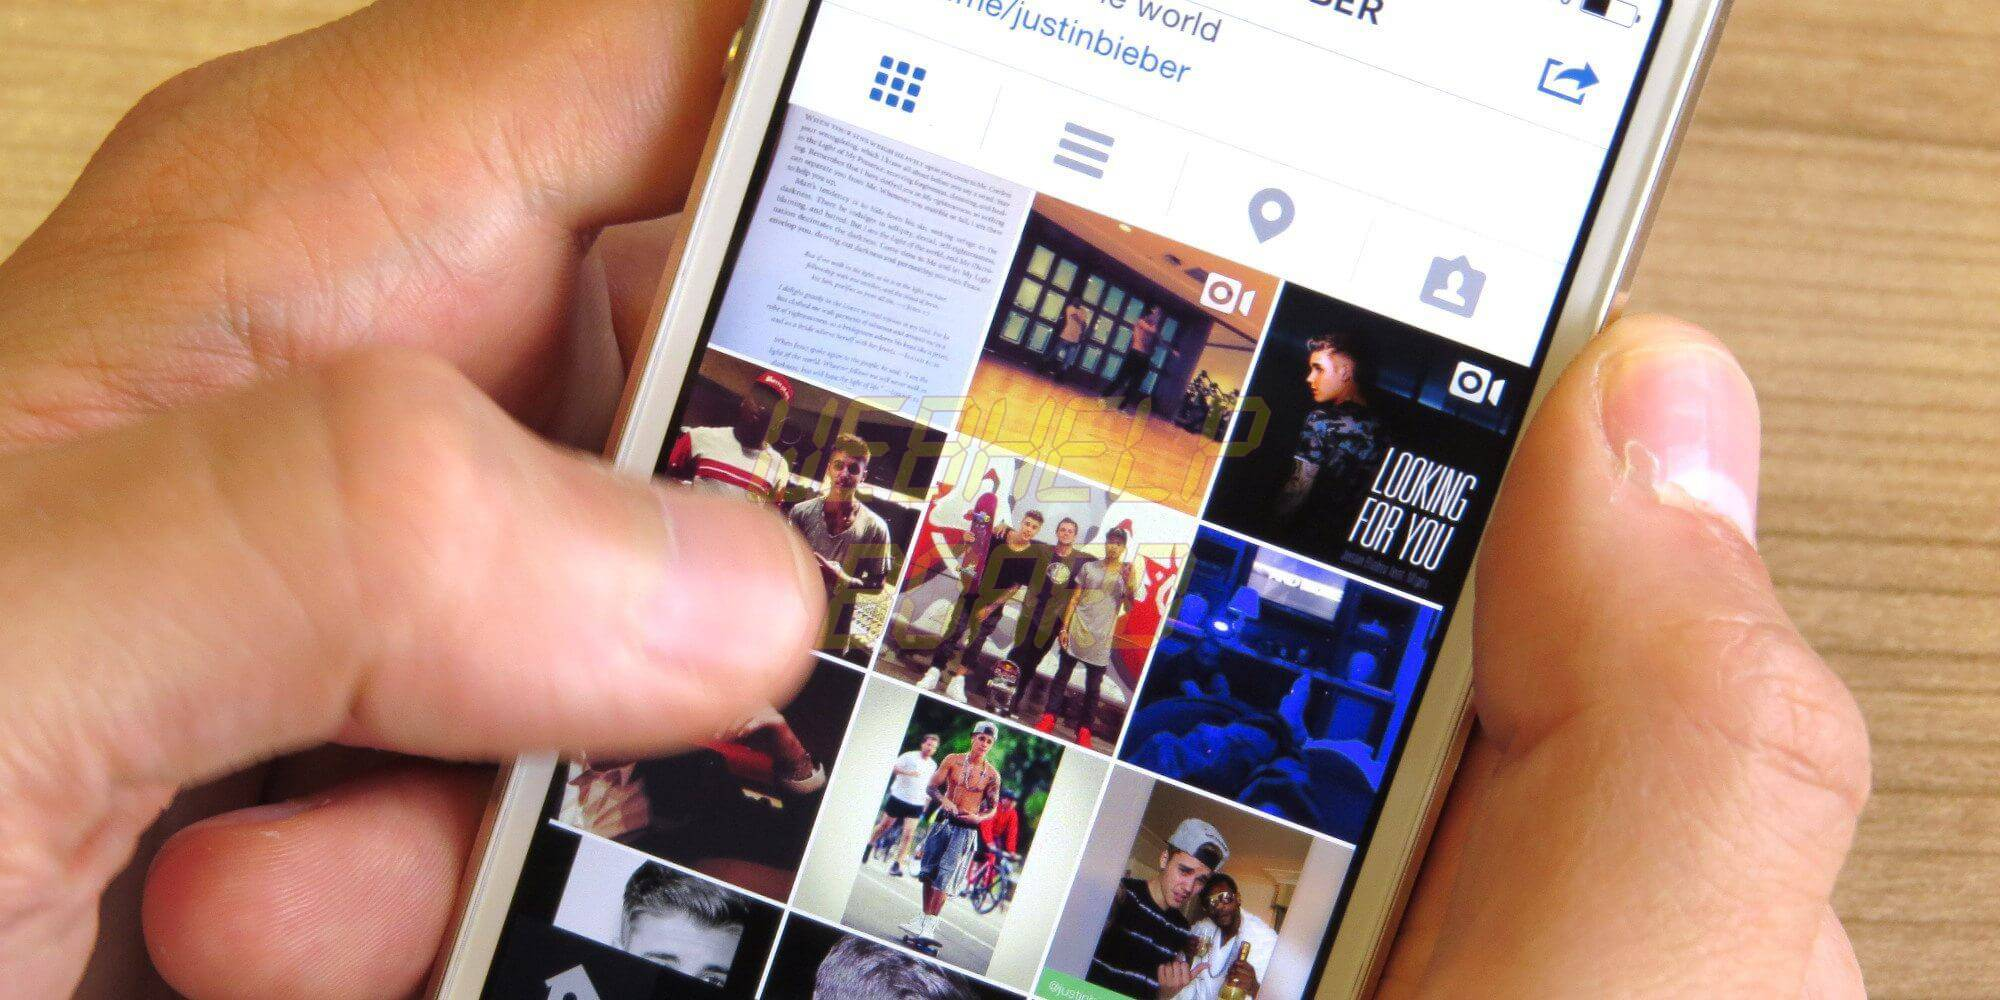 instagram - Tutorial: Como bloquear e desbloquear pessoas no Instagram